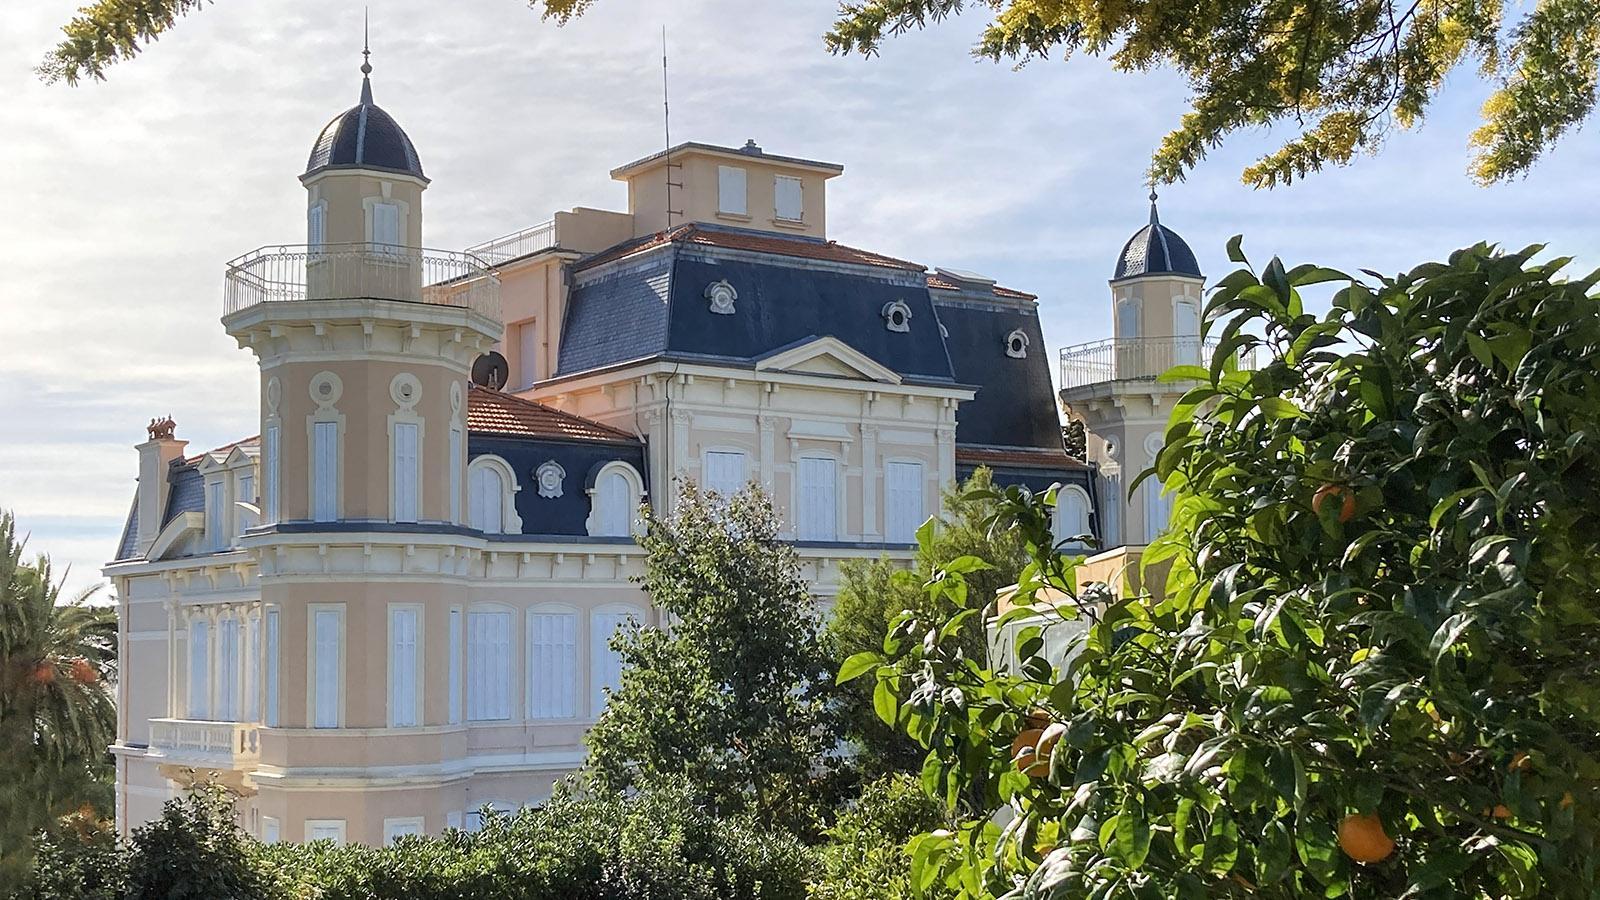 Sainte-Maxime: La Tourette. Foto: Walter Kellner